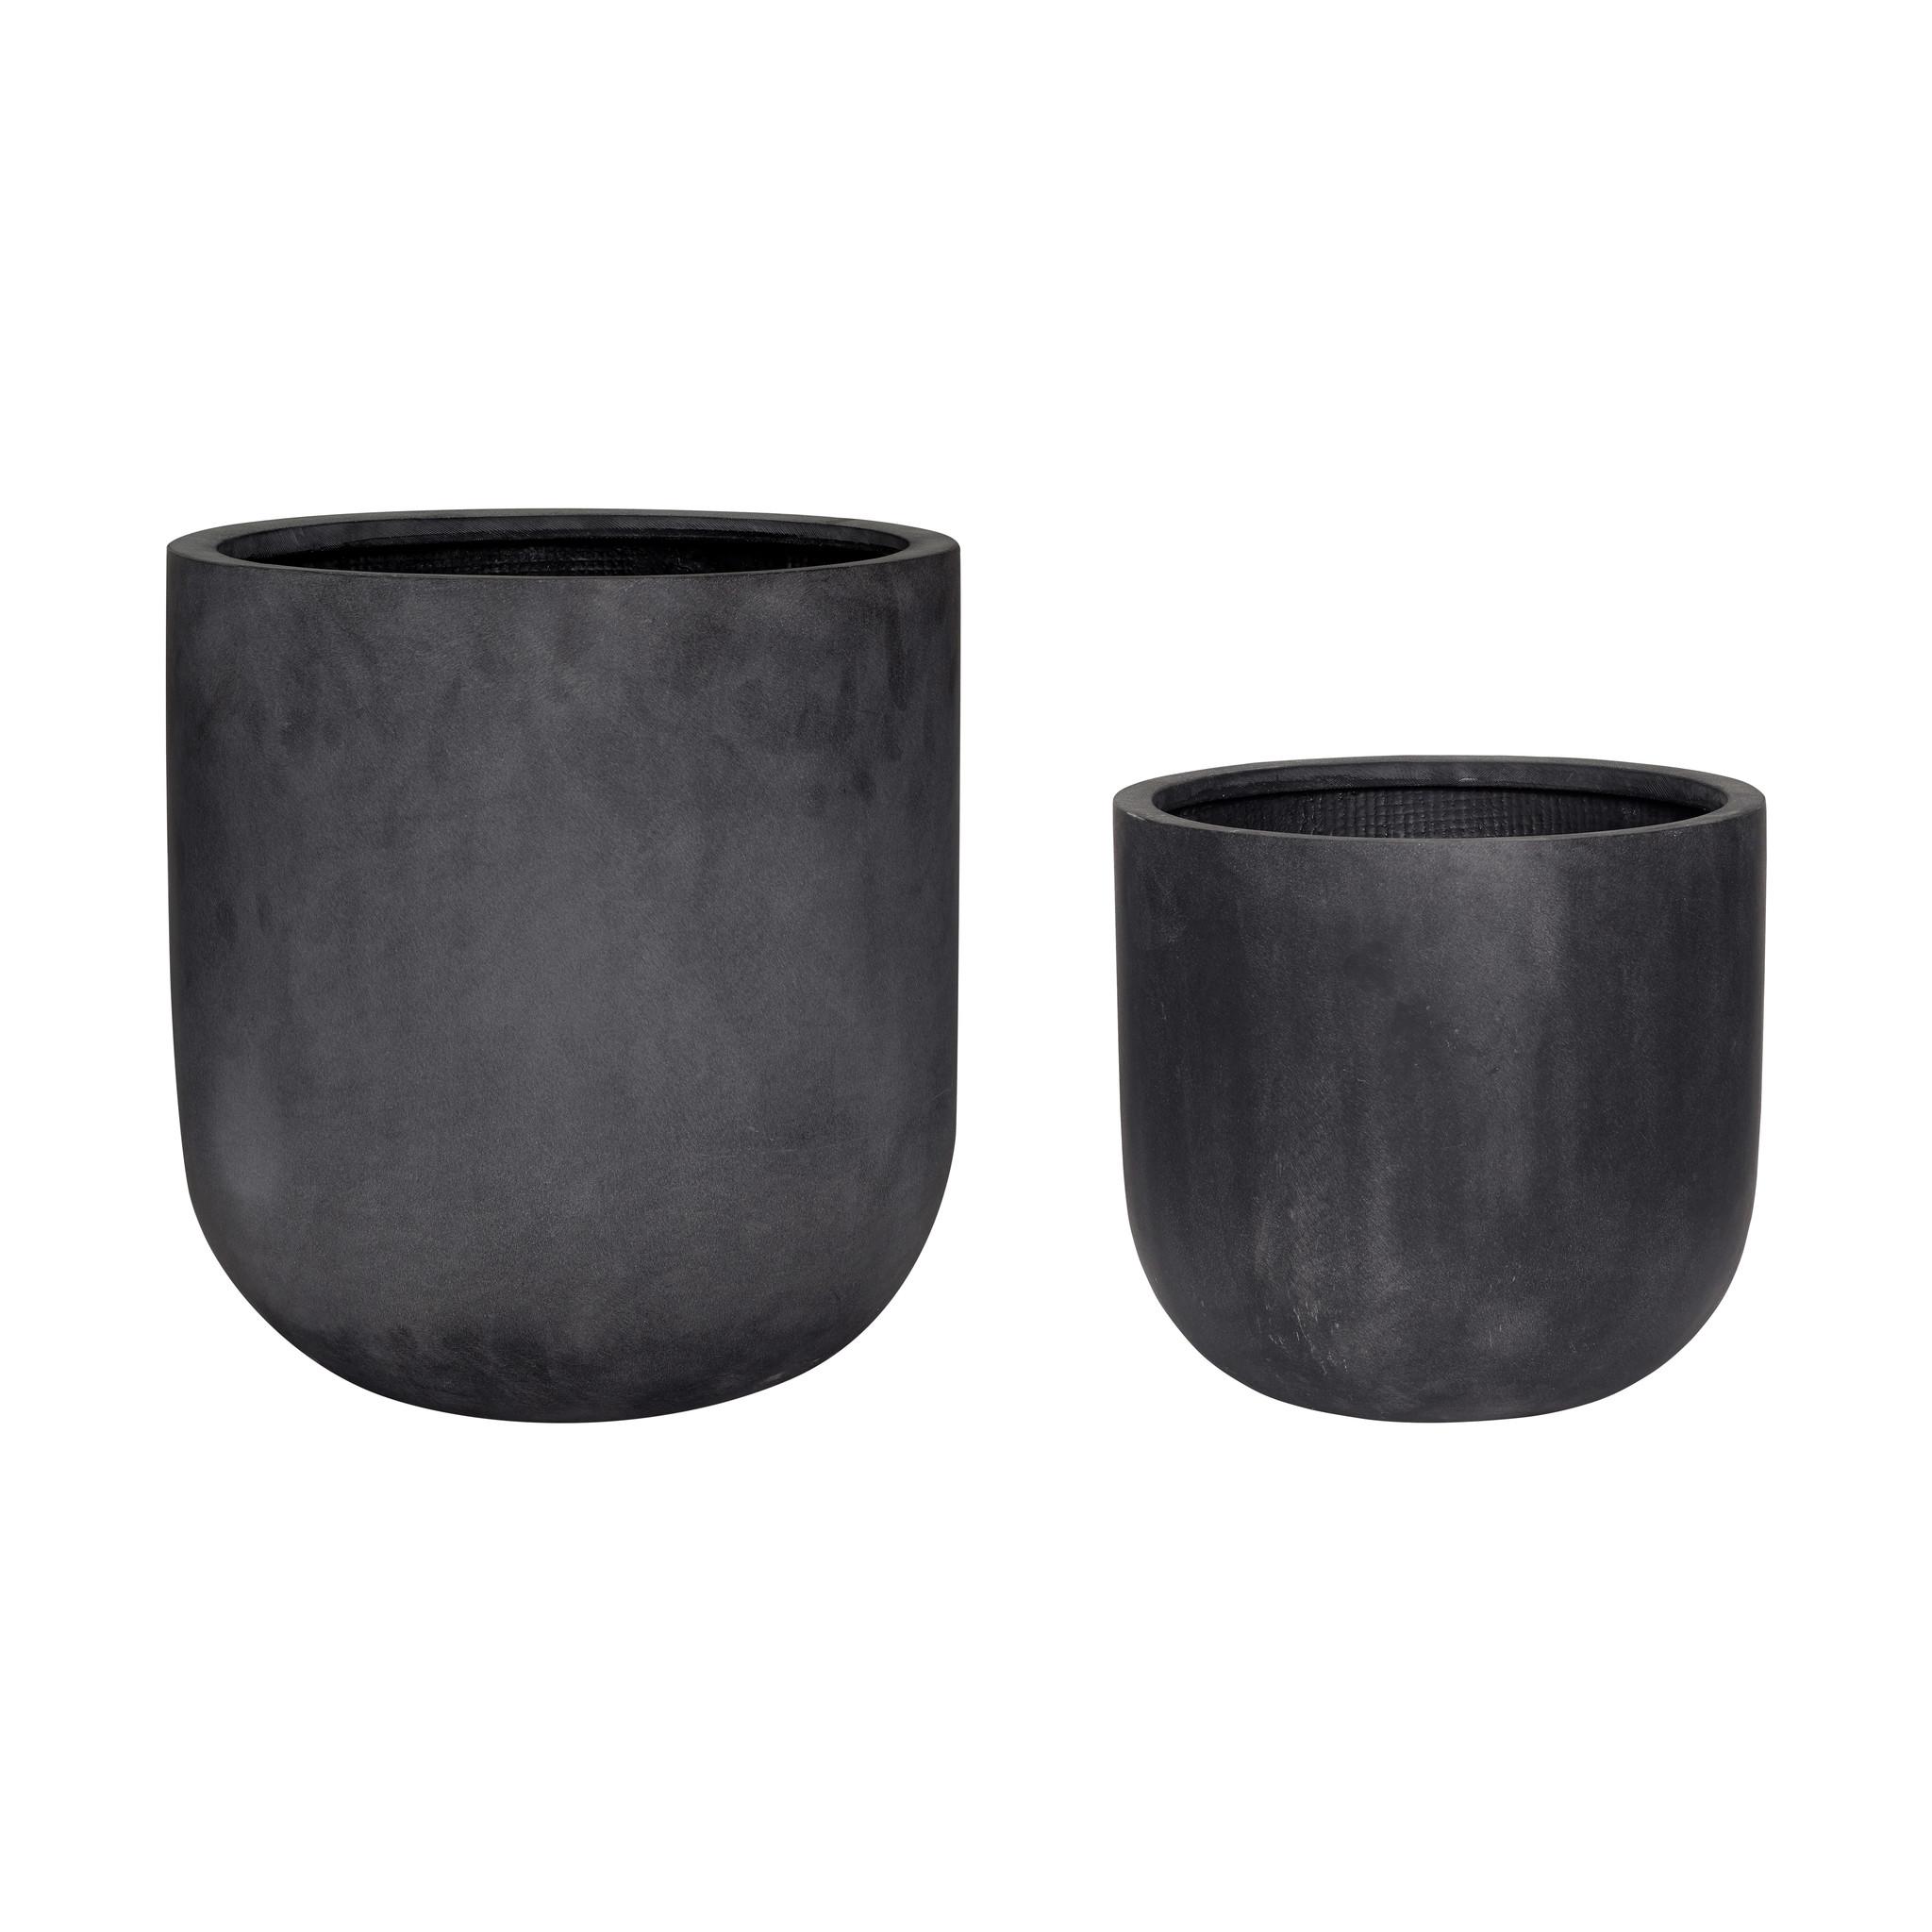 Hubsch Pot, vezelsteen, zwart, set van 2-850601-5712772058732